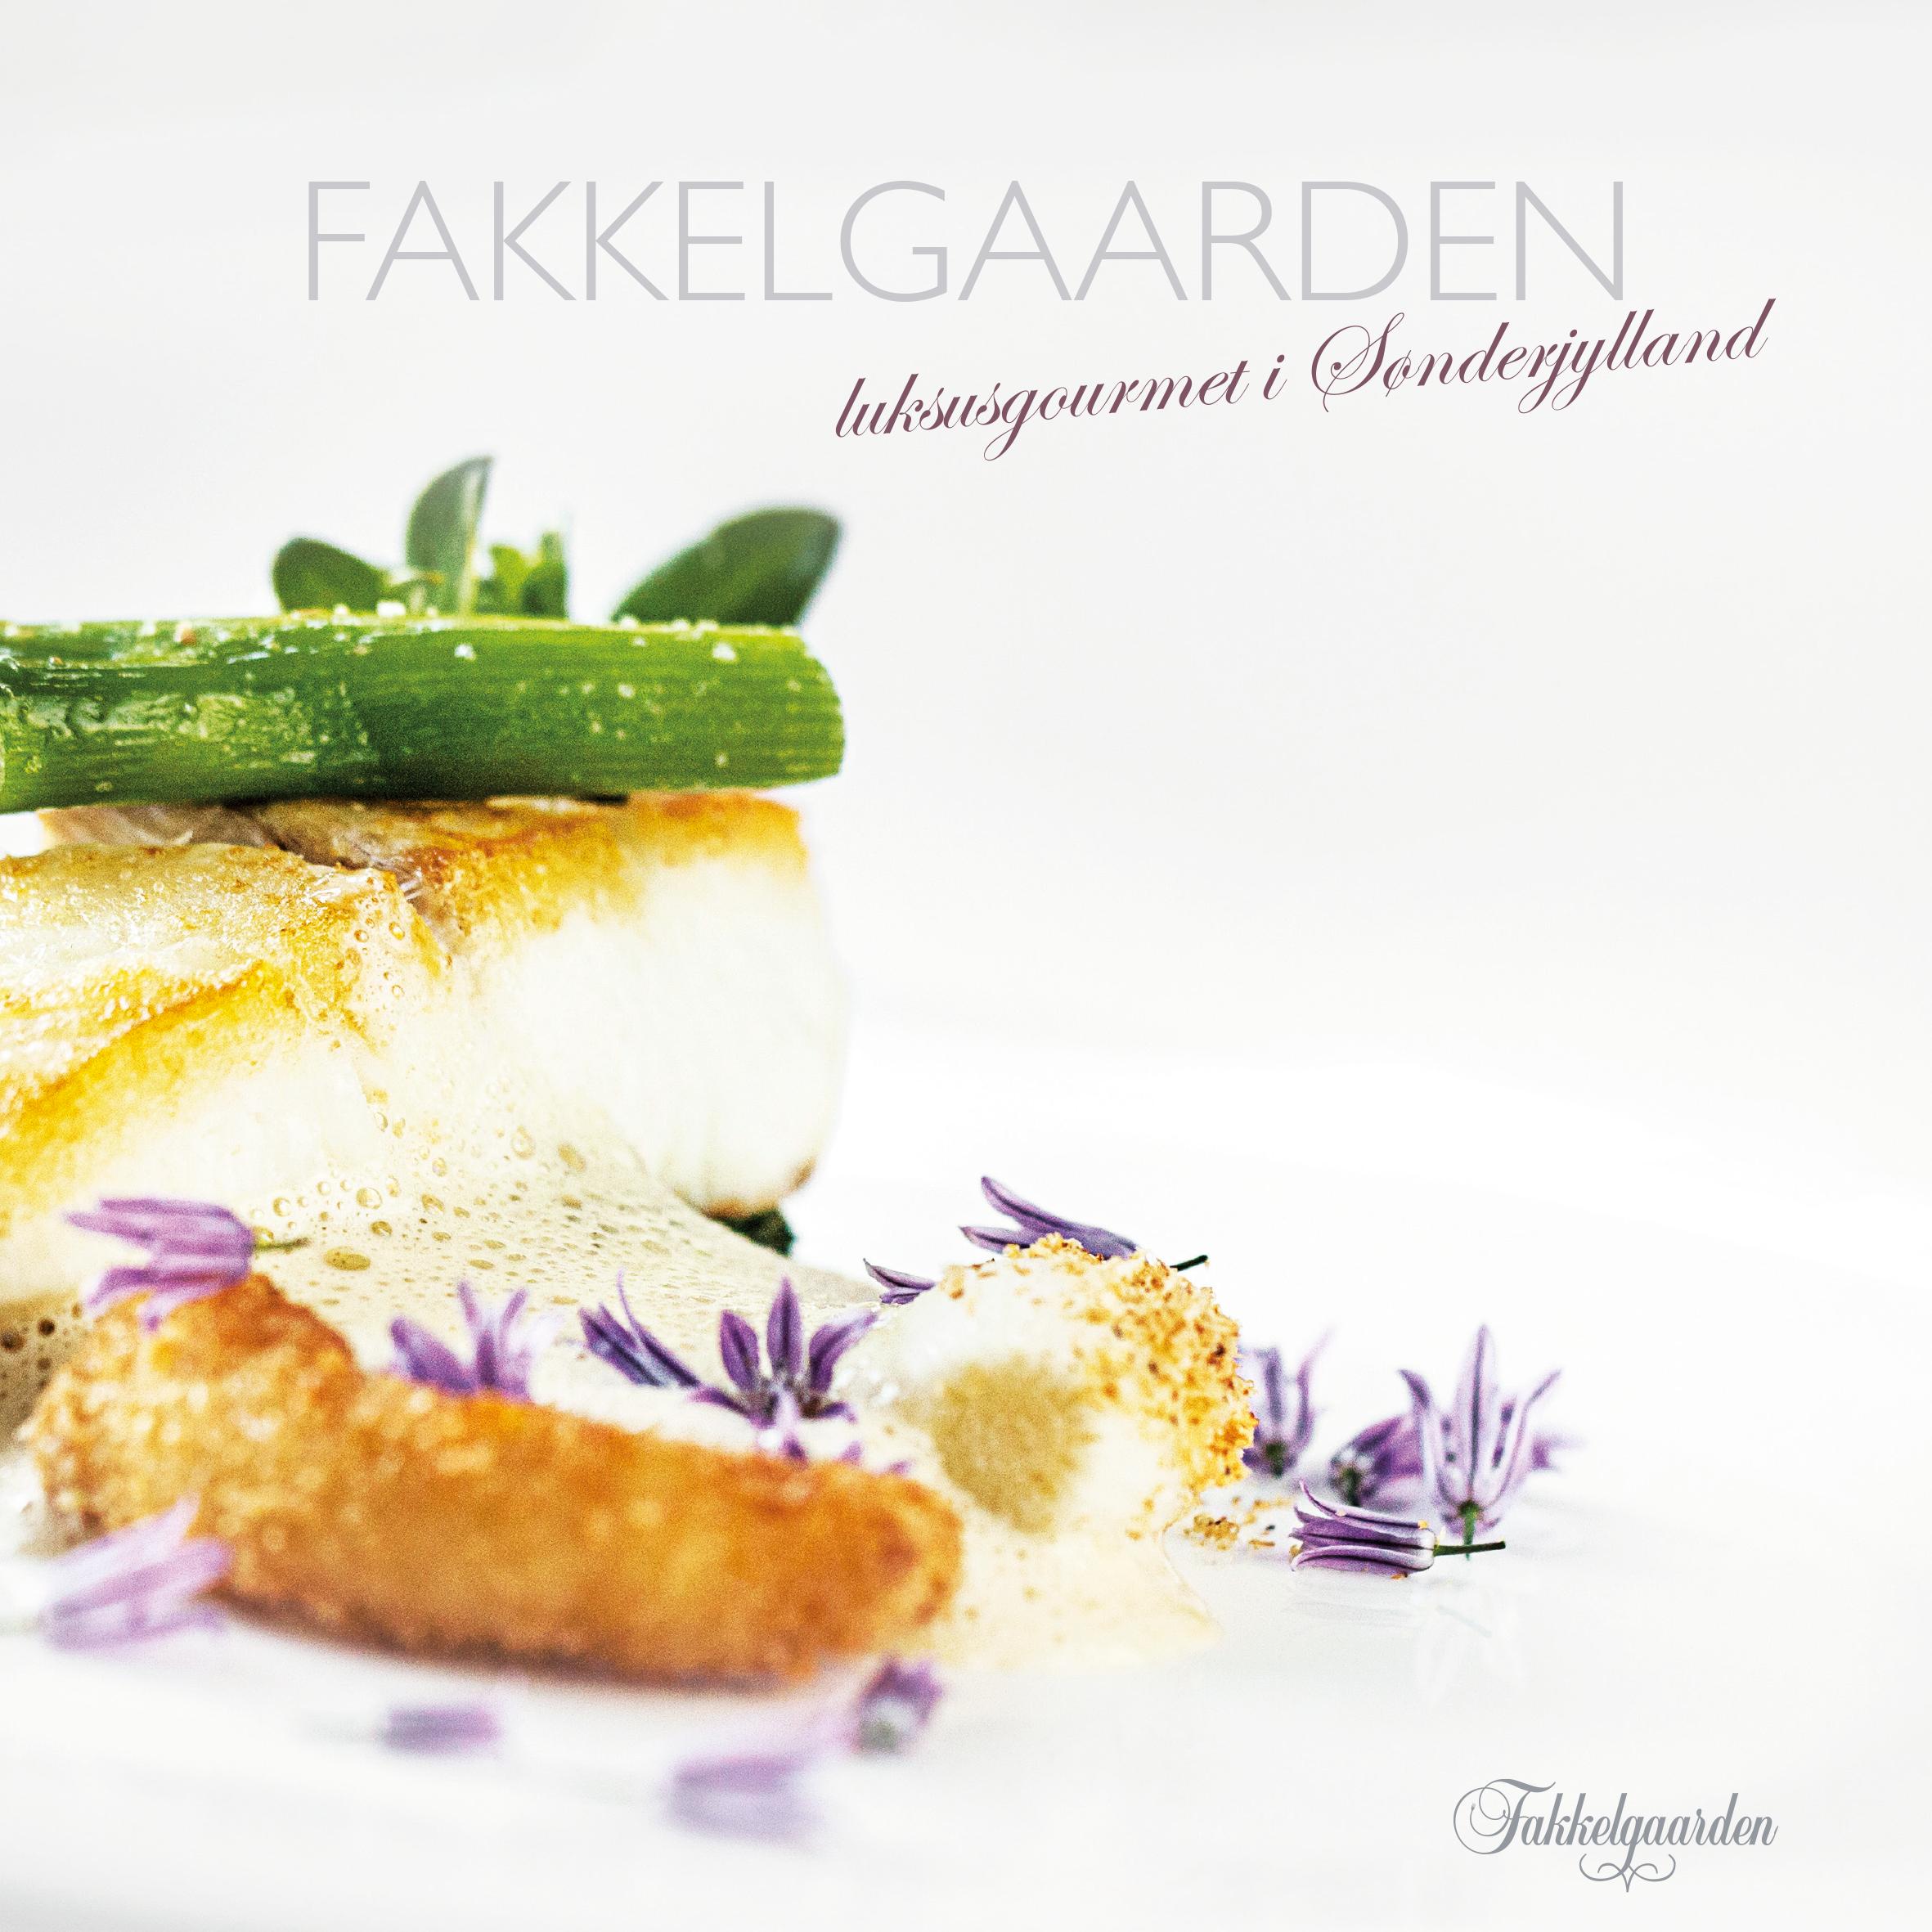 Imagebrochure Fakkelgaarden